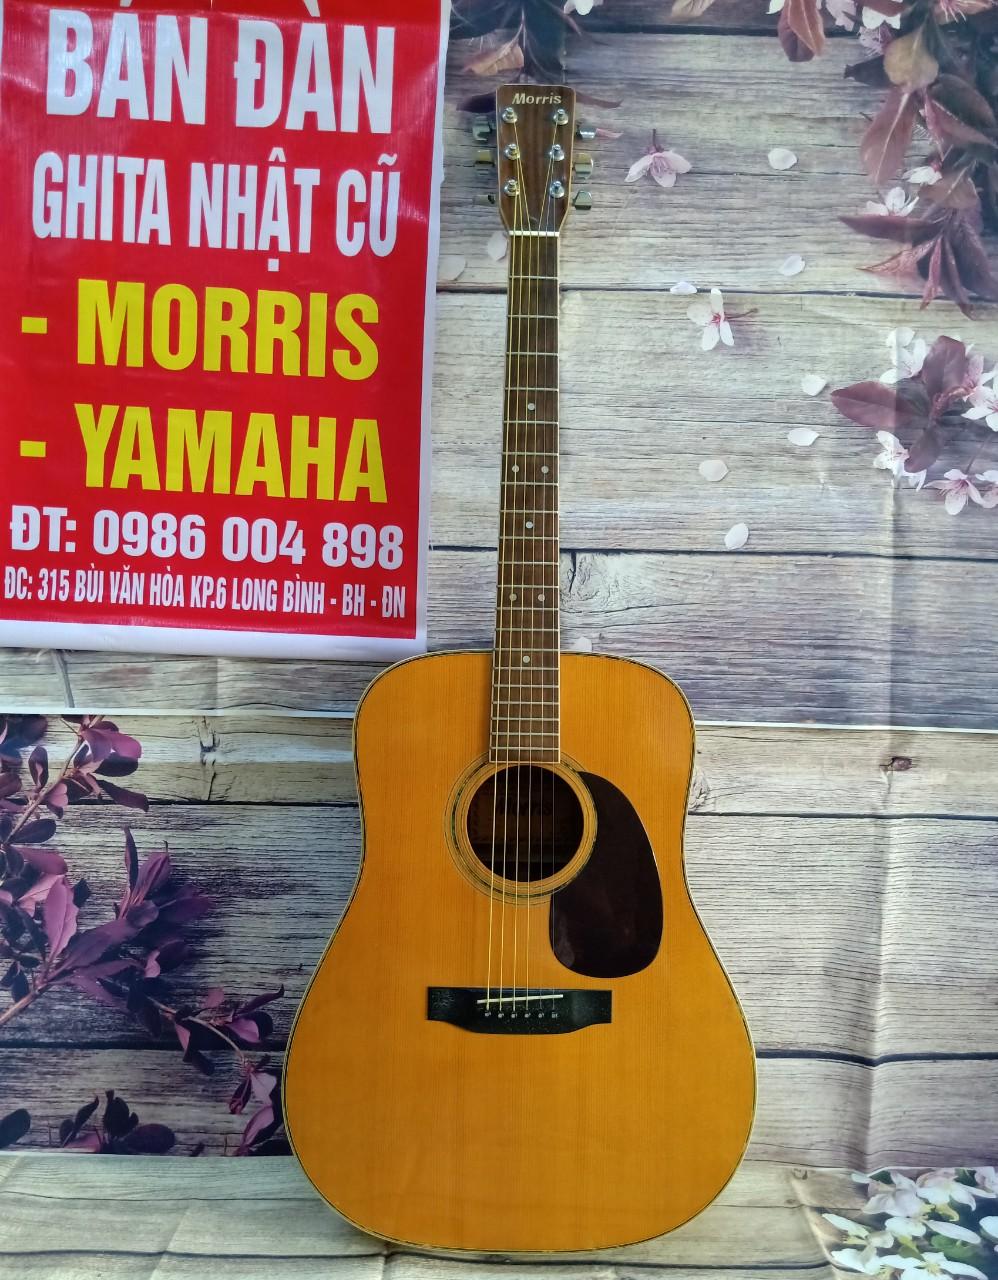 guitar nhật cũ biên hòa đàn Second hand biên hòa